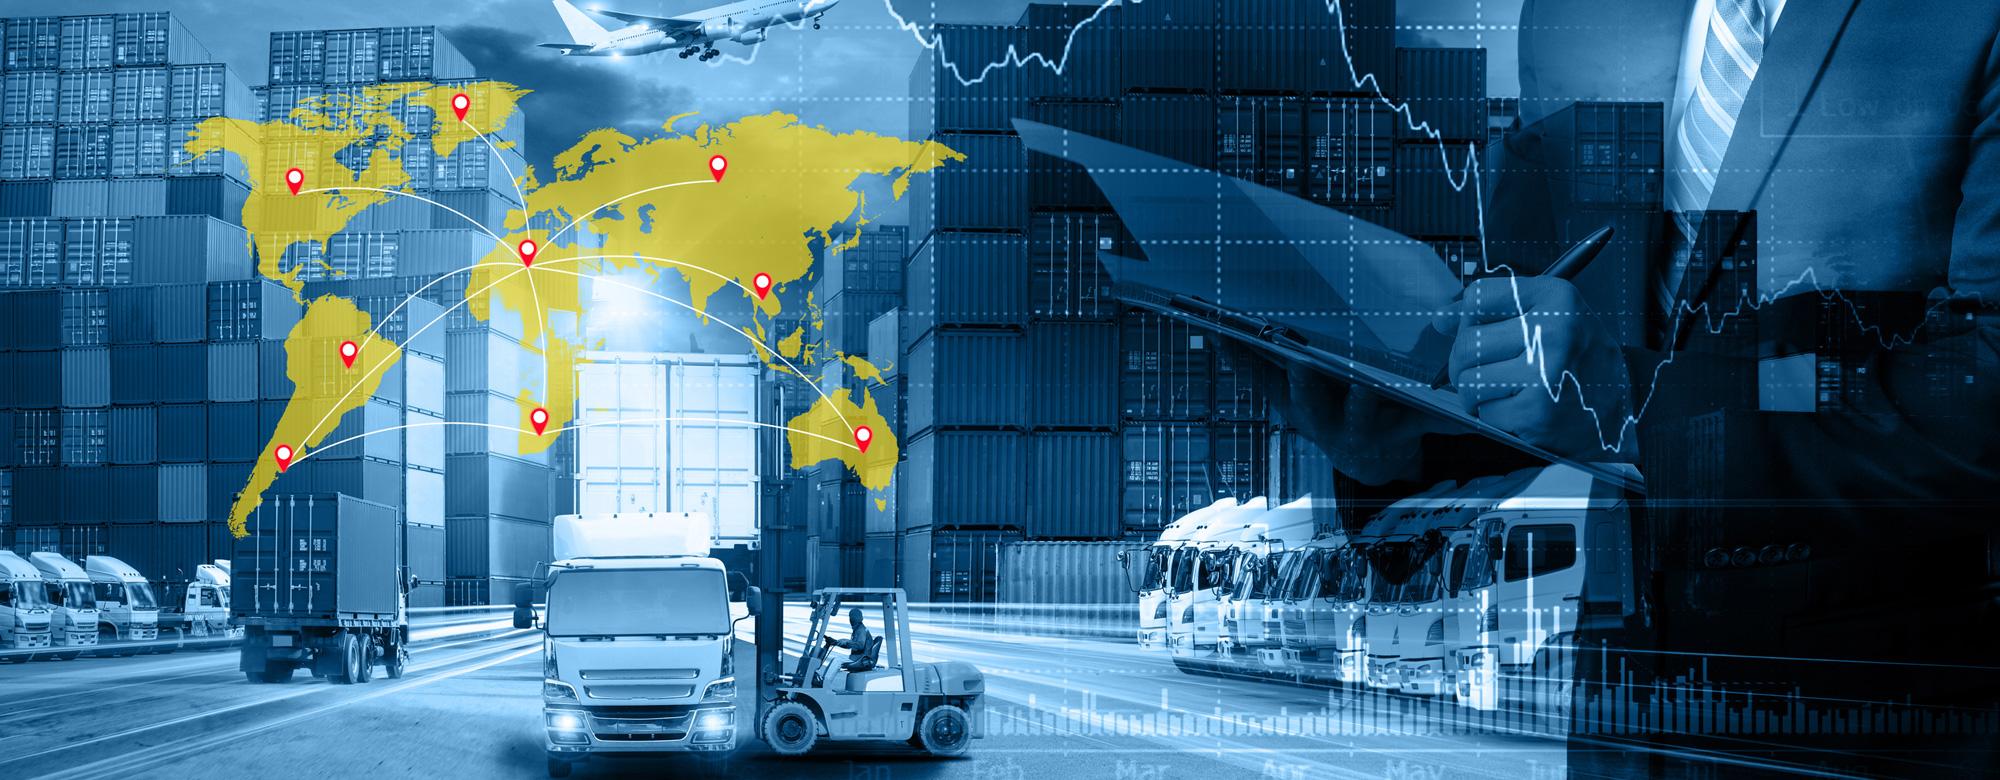 Semplificazioni per l'export: come ottenere l'autorizzazione per effettuare operazioni doganali in stabilimento. Webinar, 9 marzo 2021